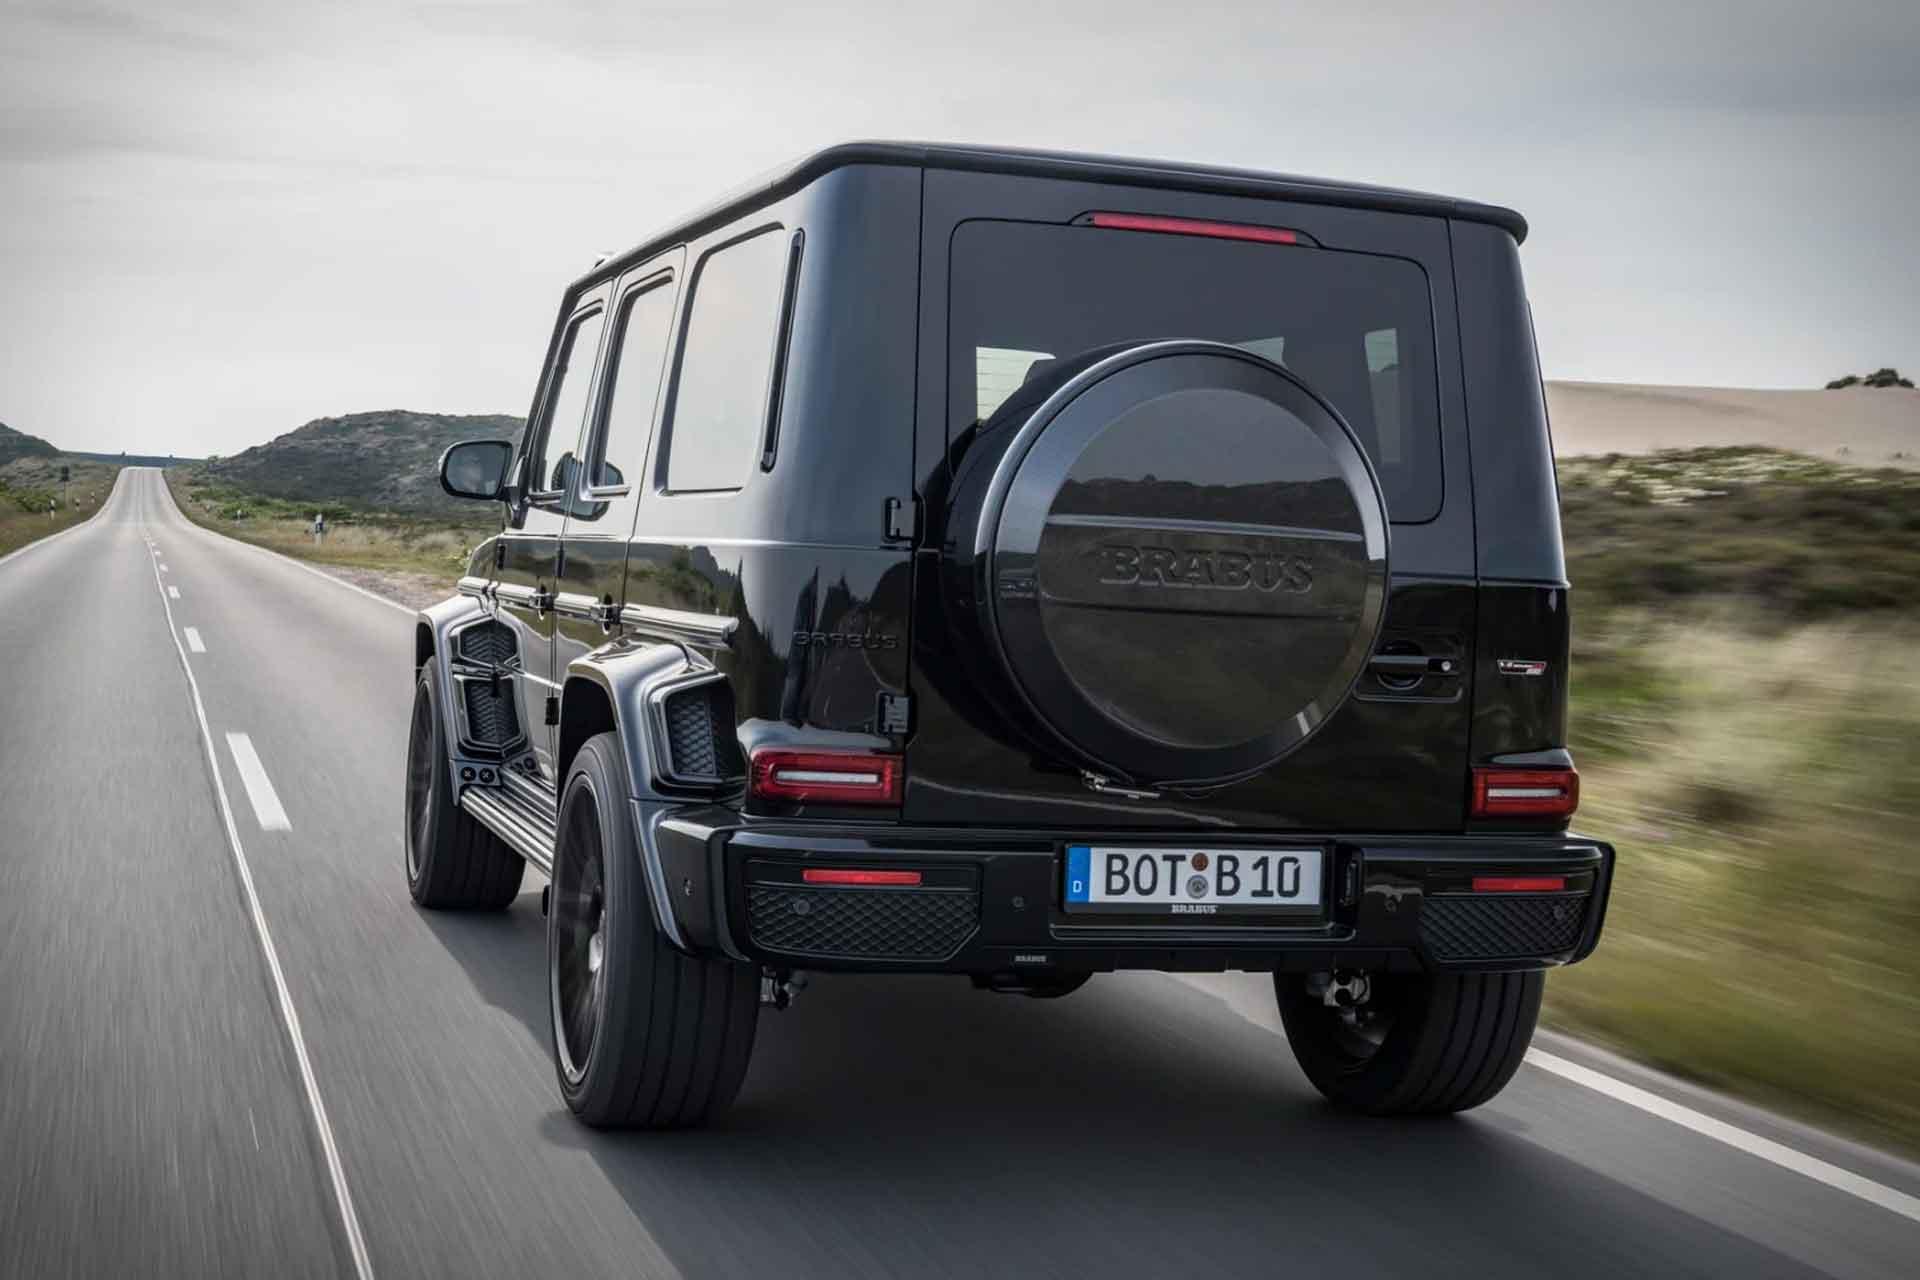 Der Brabus Black OPS 800 SUV auf Basis des Mercedes-AMG G63 2